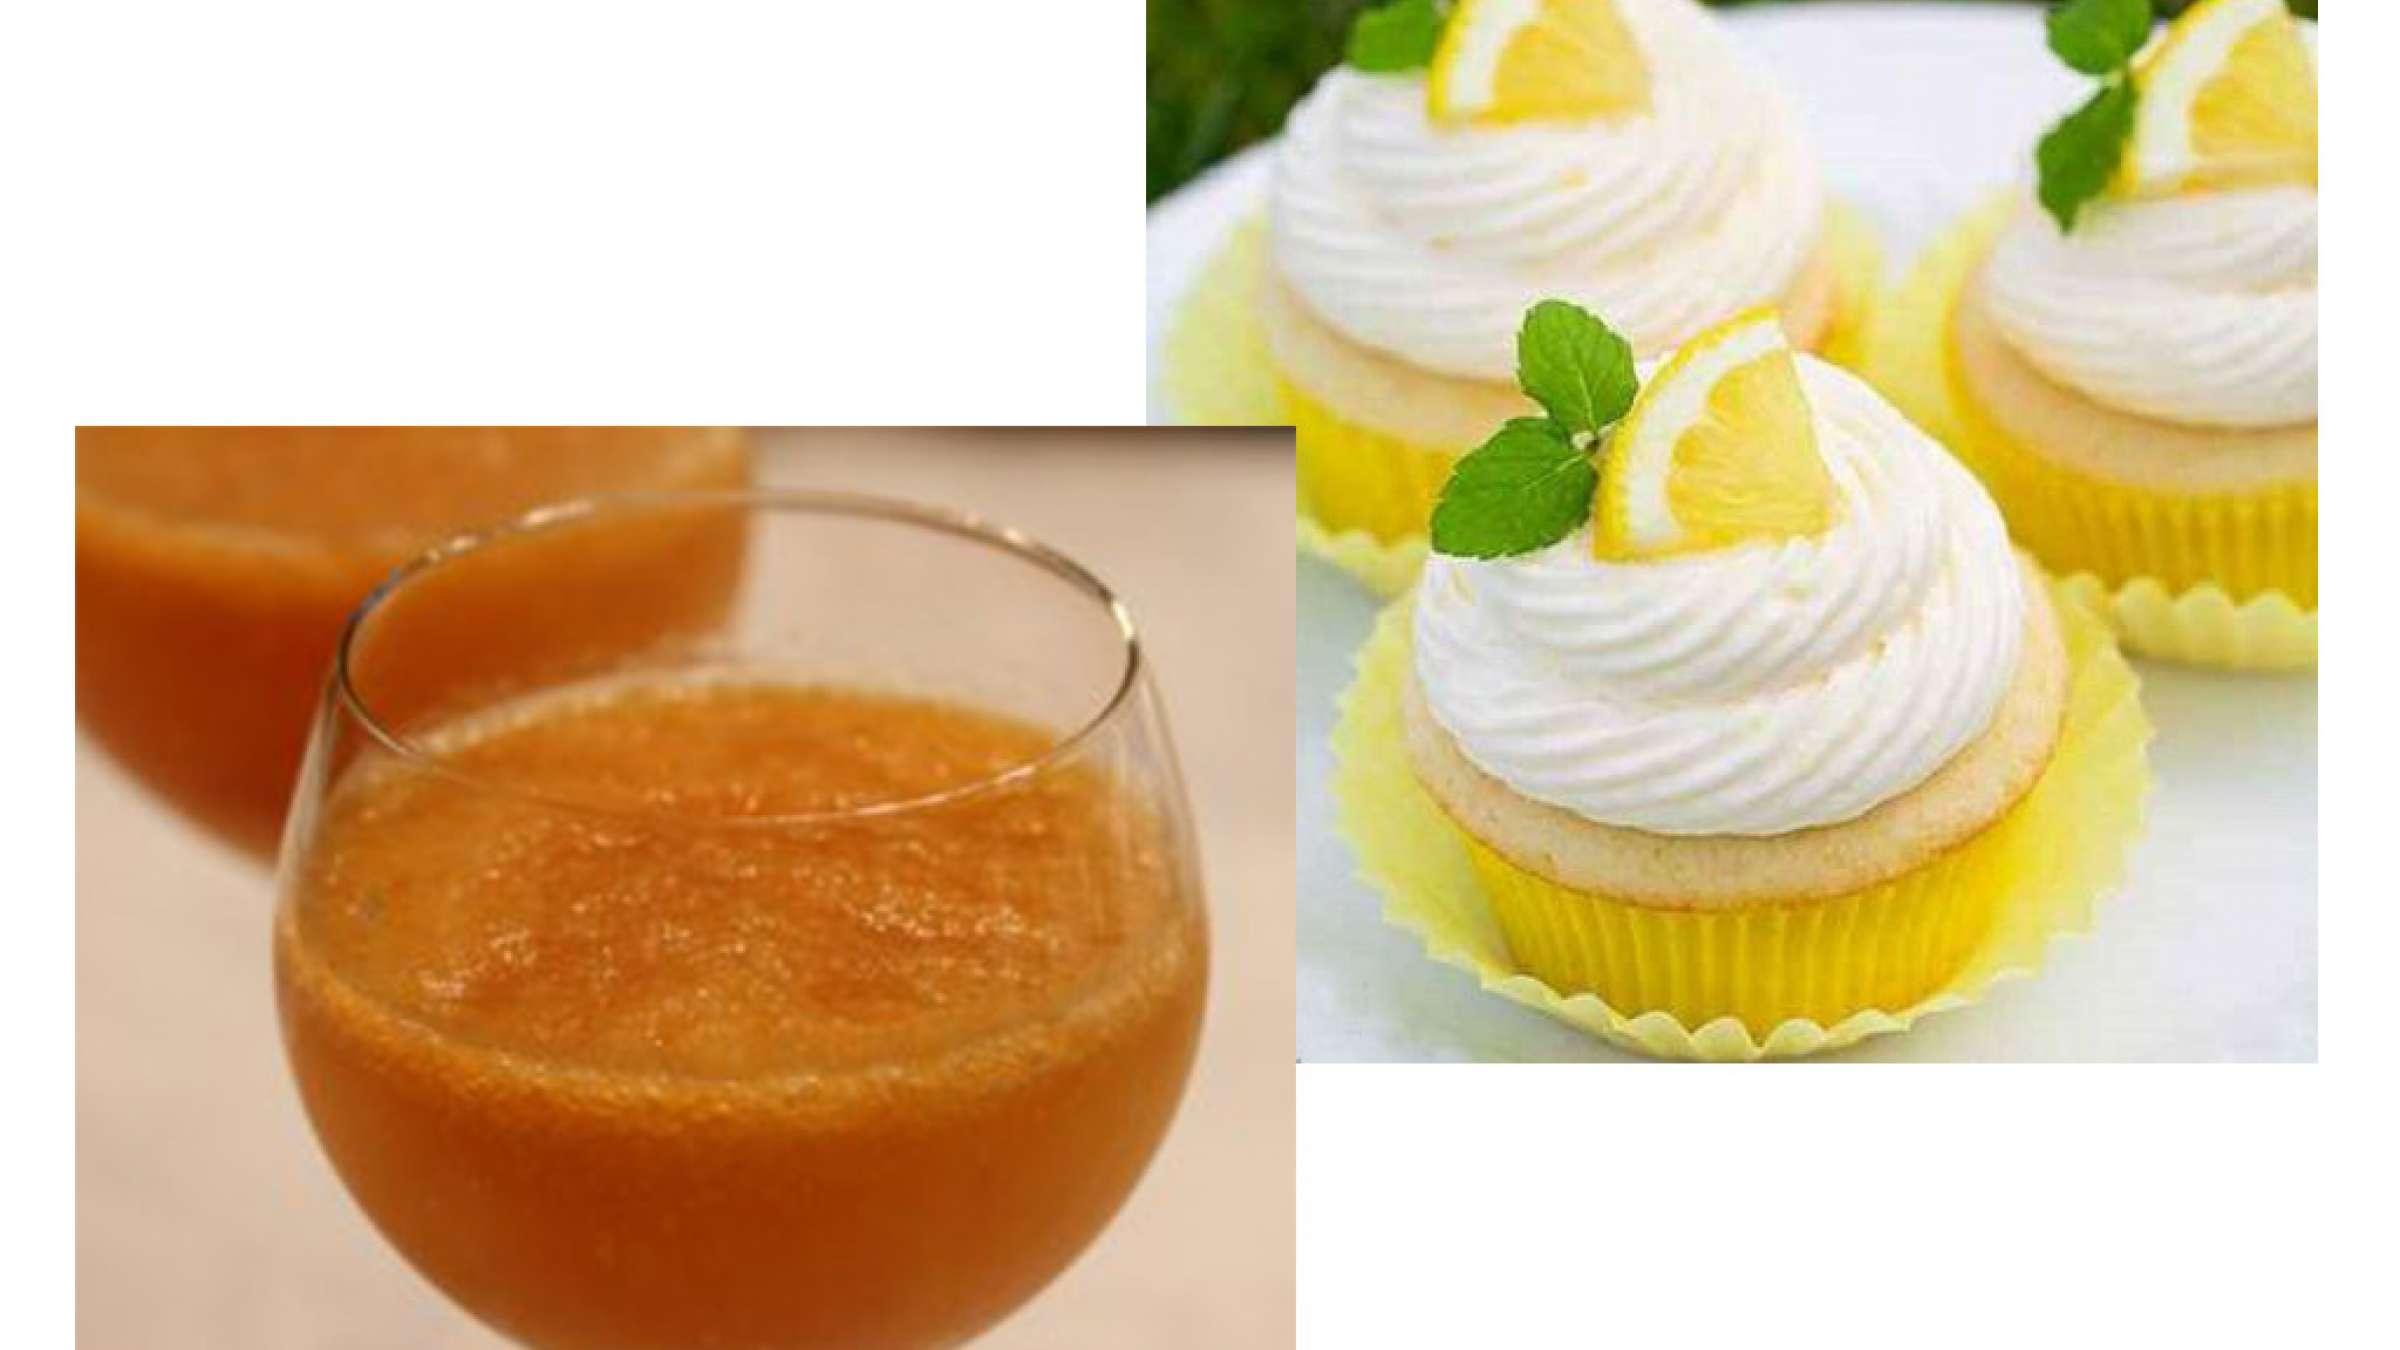 آشپزی-ترابی-کاپکیک-لیمویی-کنسانتره-زردآلو